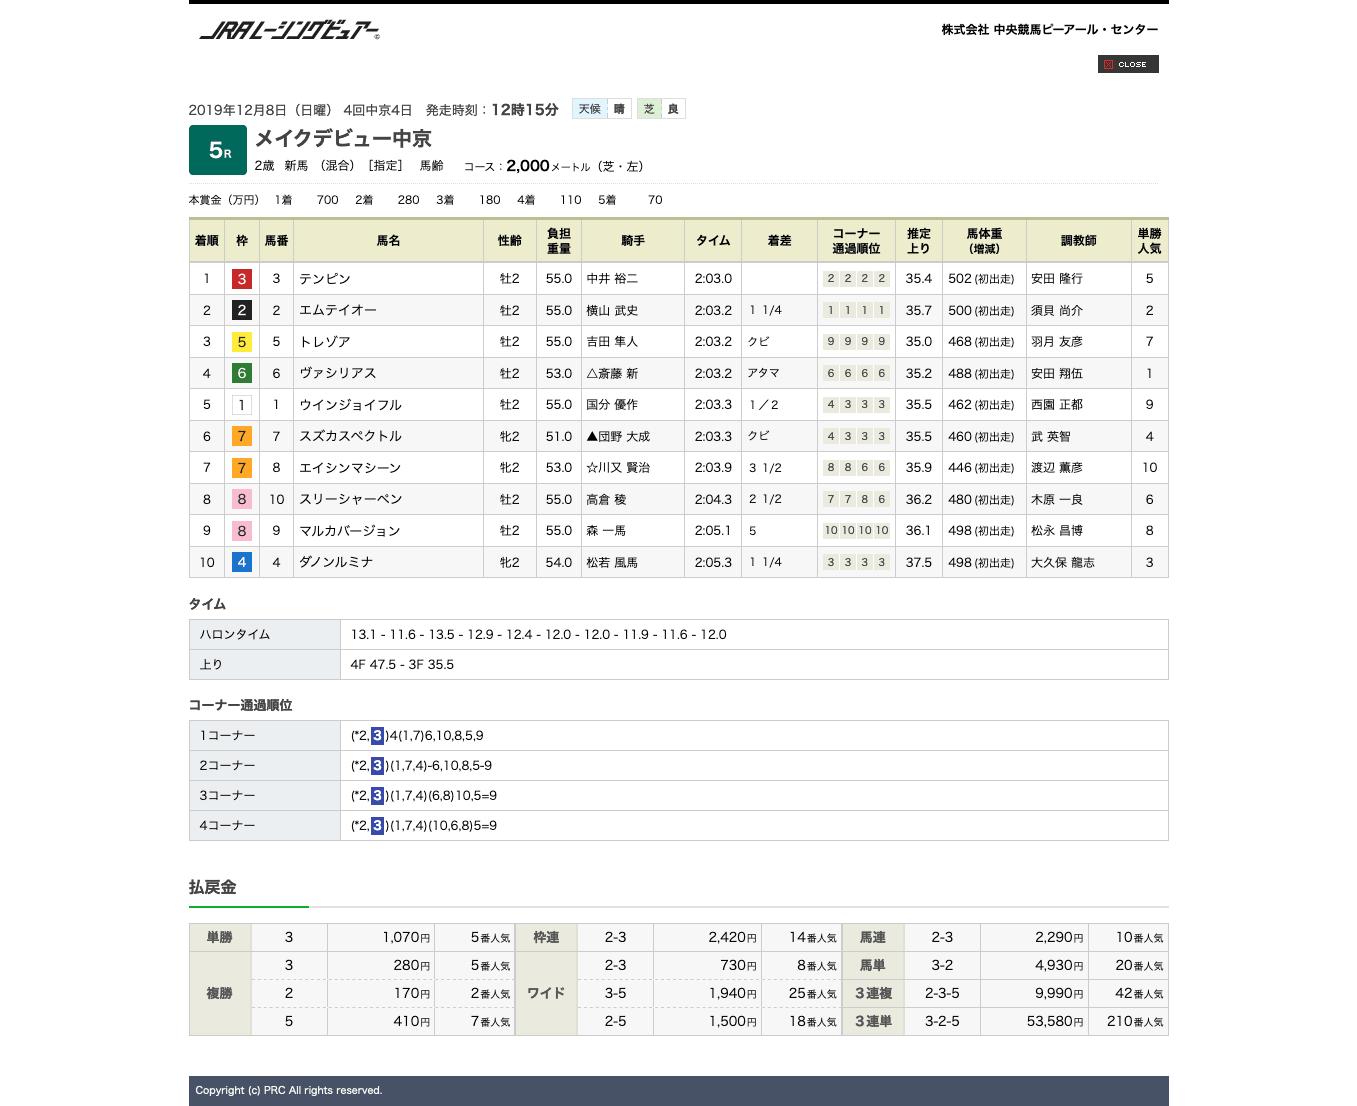 テンピン(メジロマックイーン ひ孫世代、母プリティカポレイ)が新馬勝ち